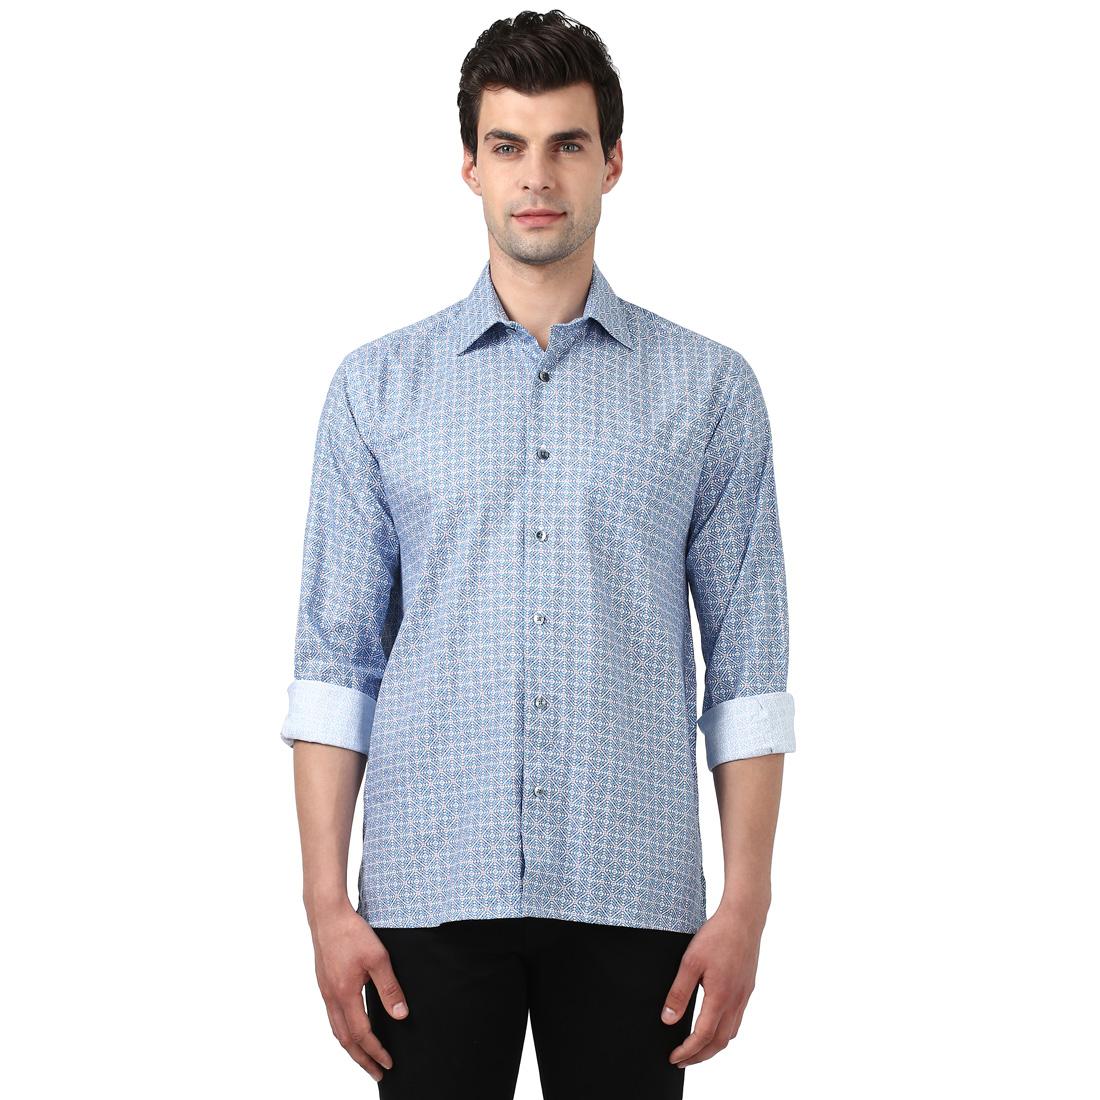 ColorPlus   ColorPlus Light Blue Regular Fit Shirts